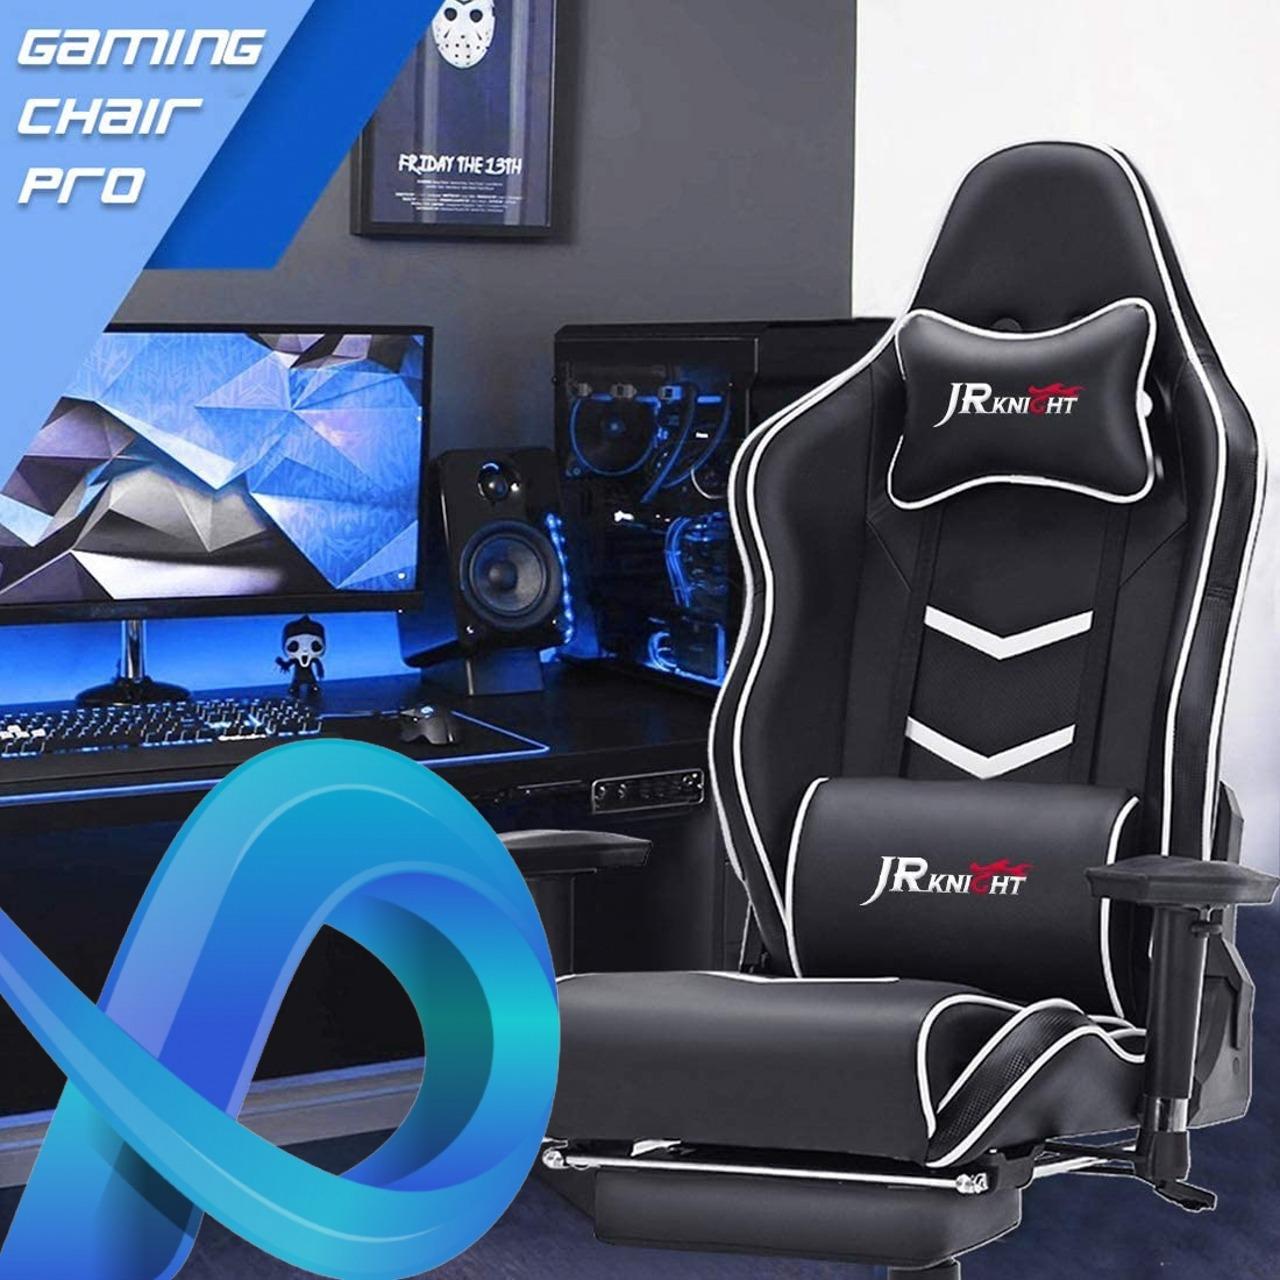 Les avantages d'une chaise ergonomique de gaming